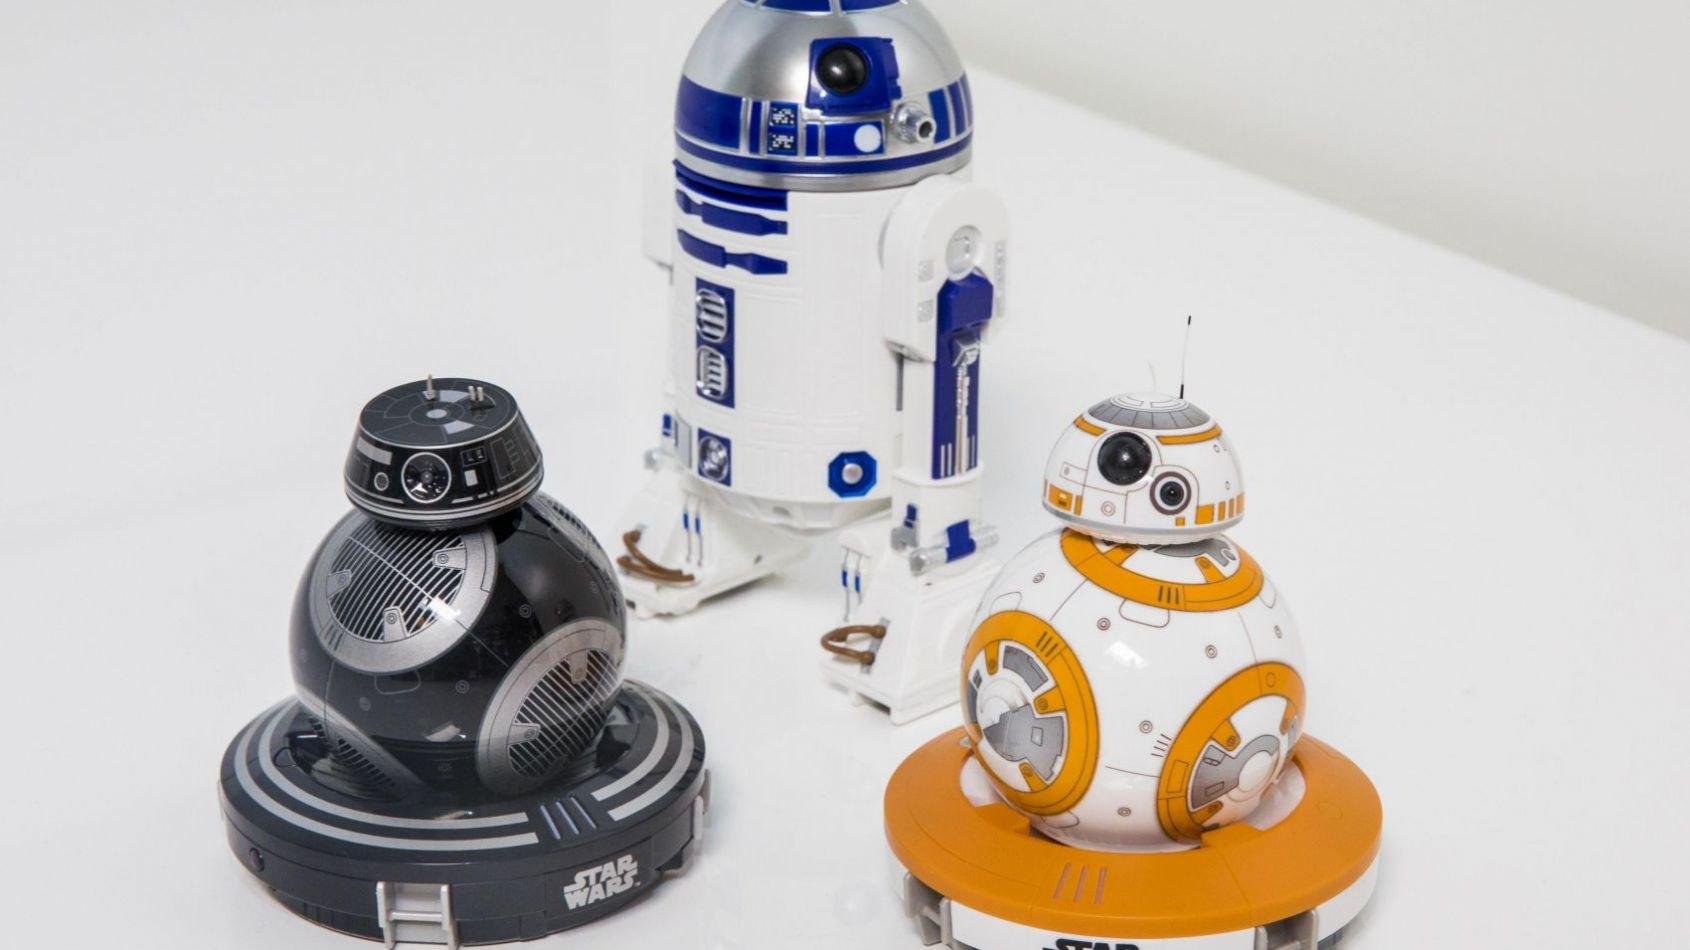 Les robots télécommandés de Sphero: R2-D2 et BB-9E arrivent !